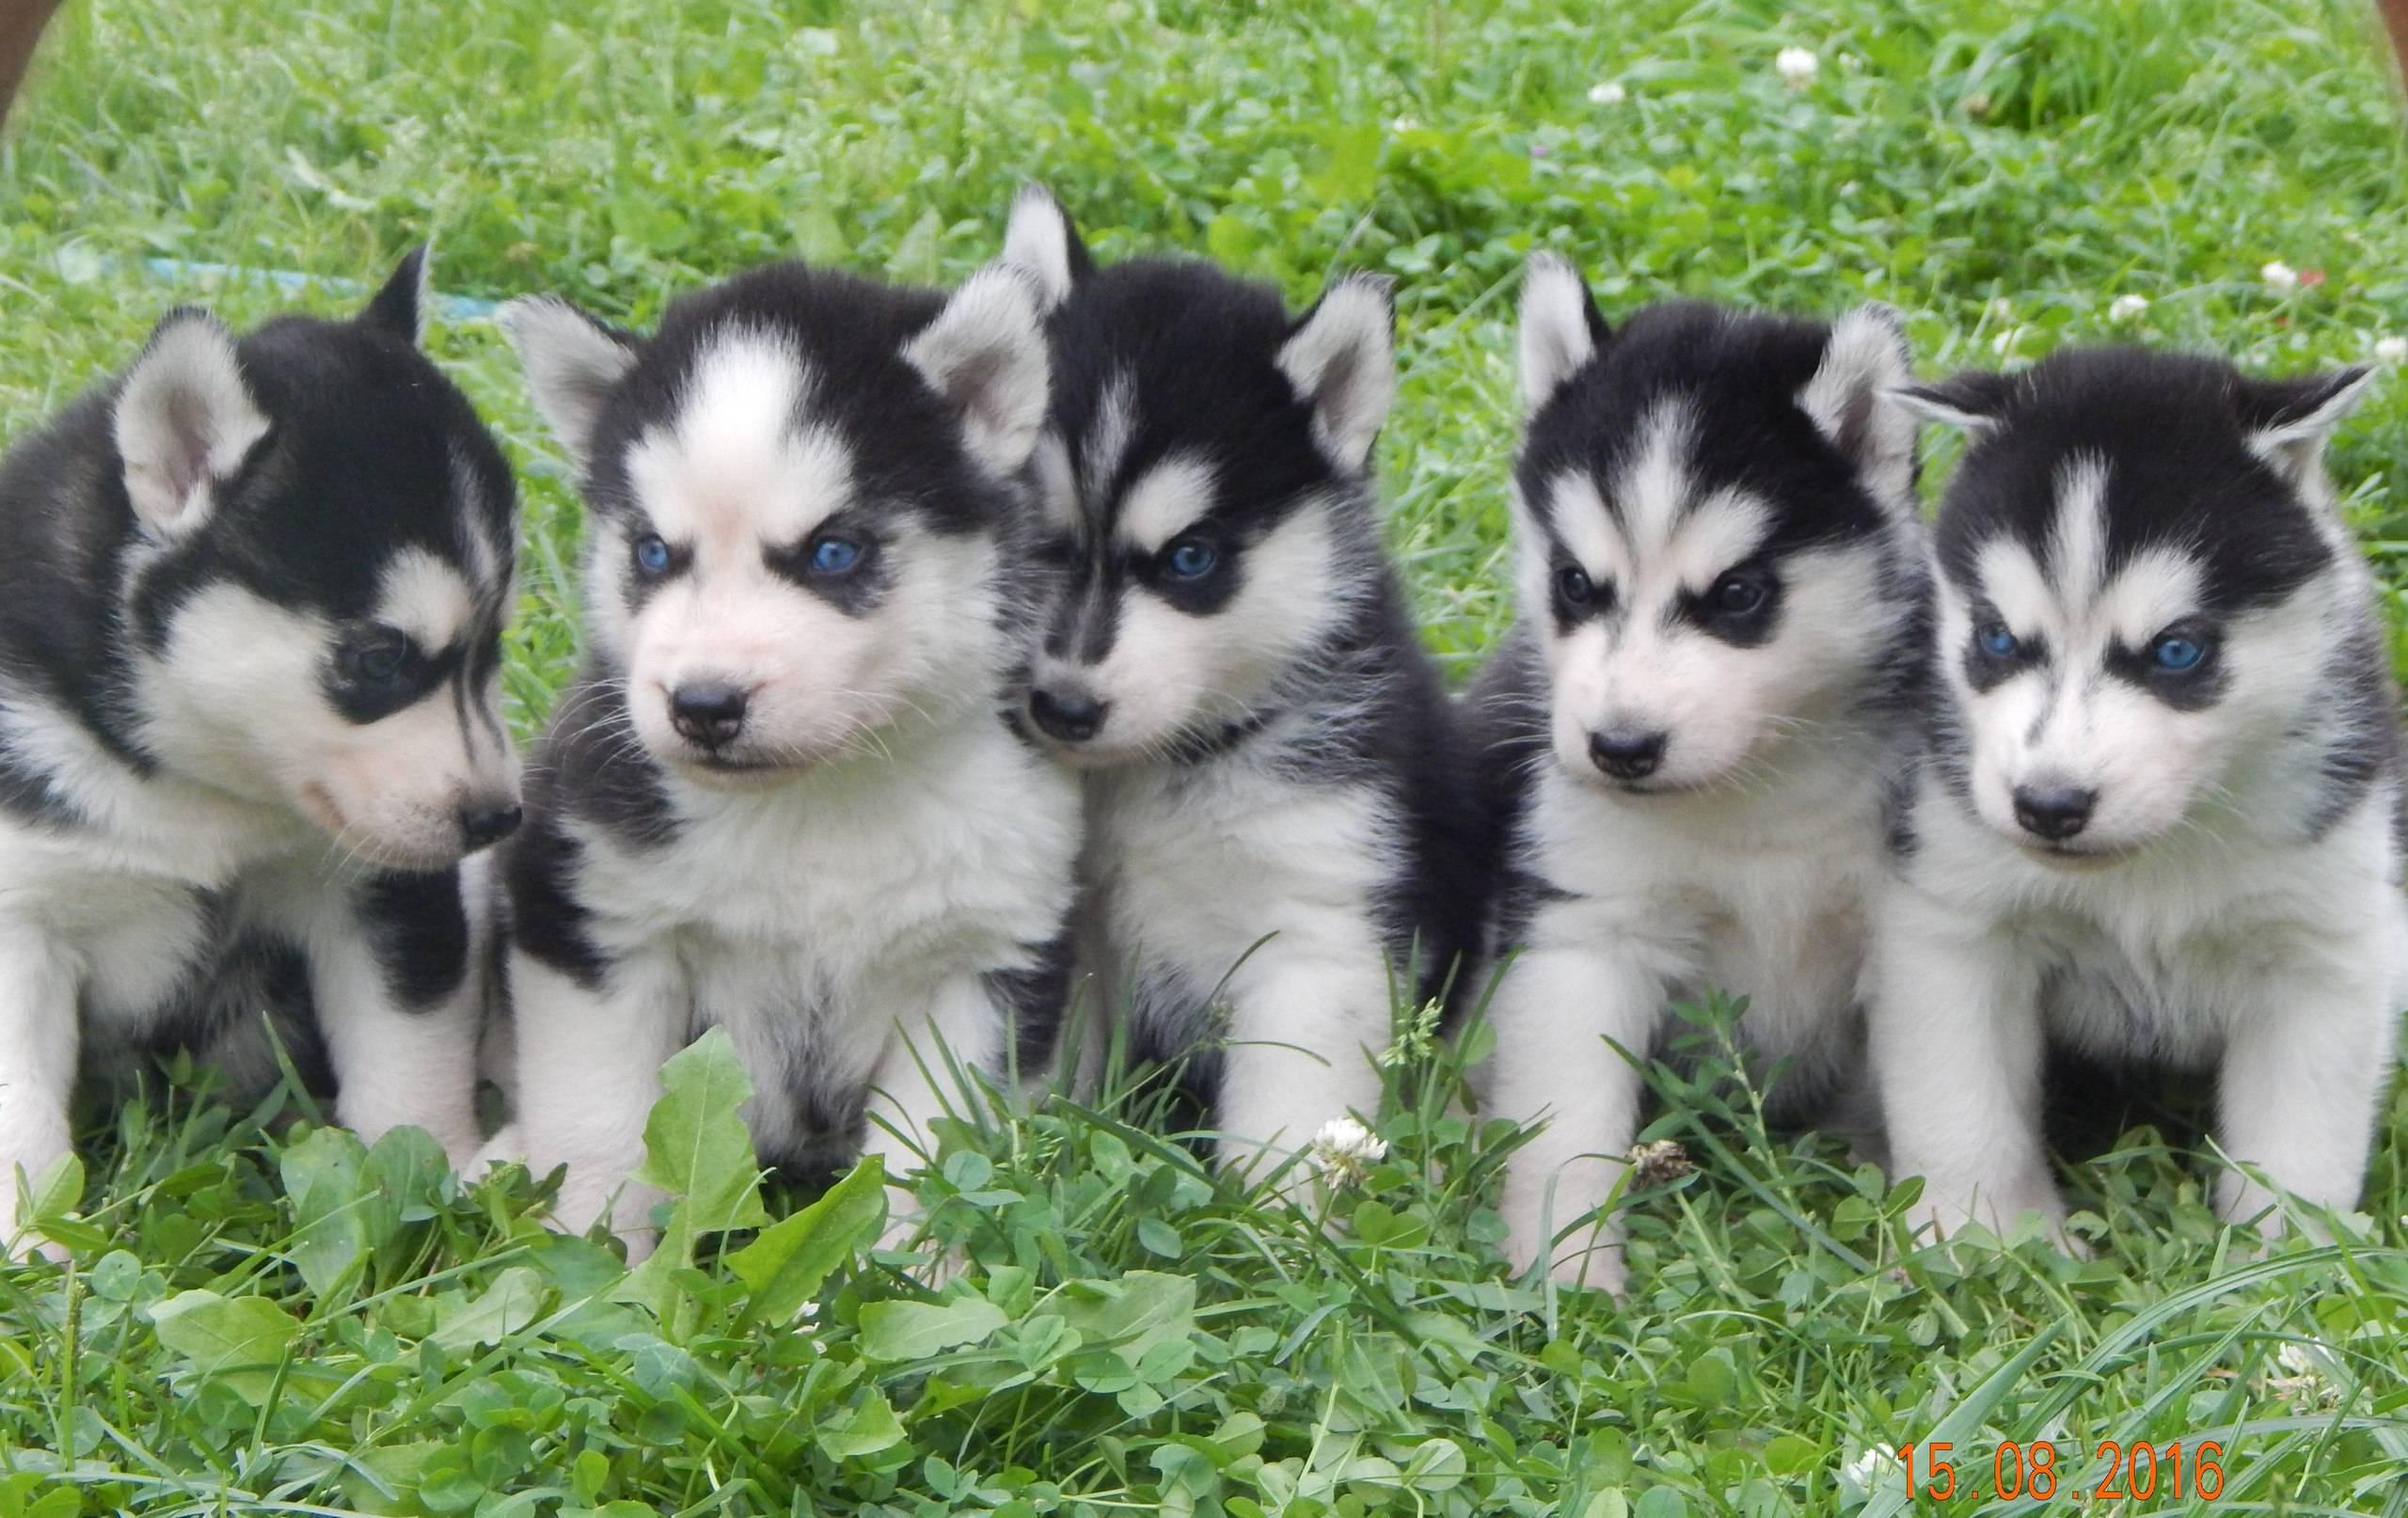 Клички для собак средних пород, имена для средних собак мальчиков и девочек.